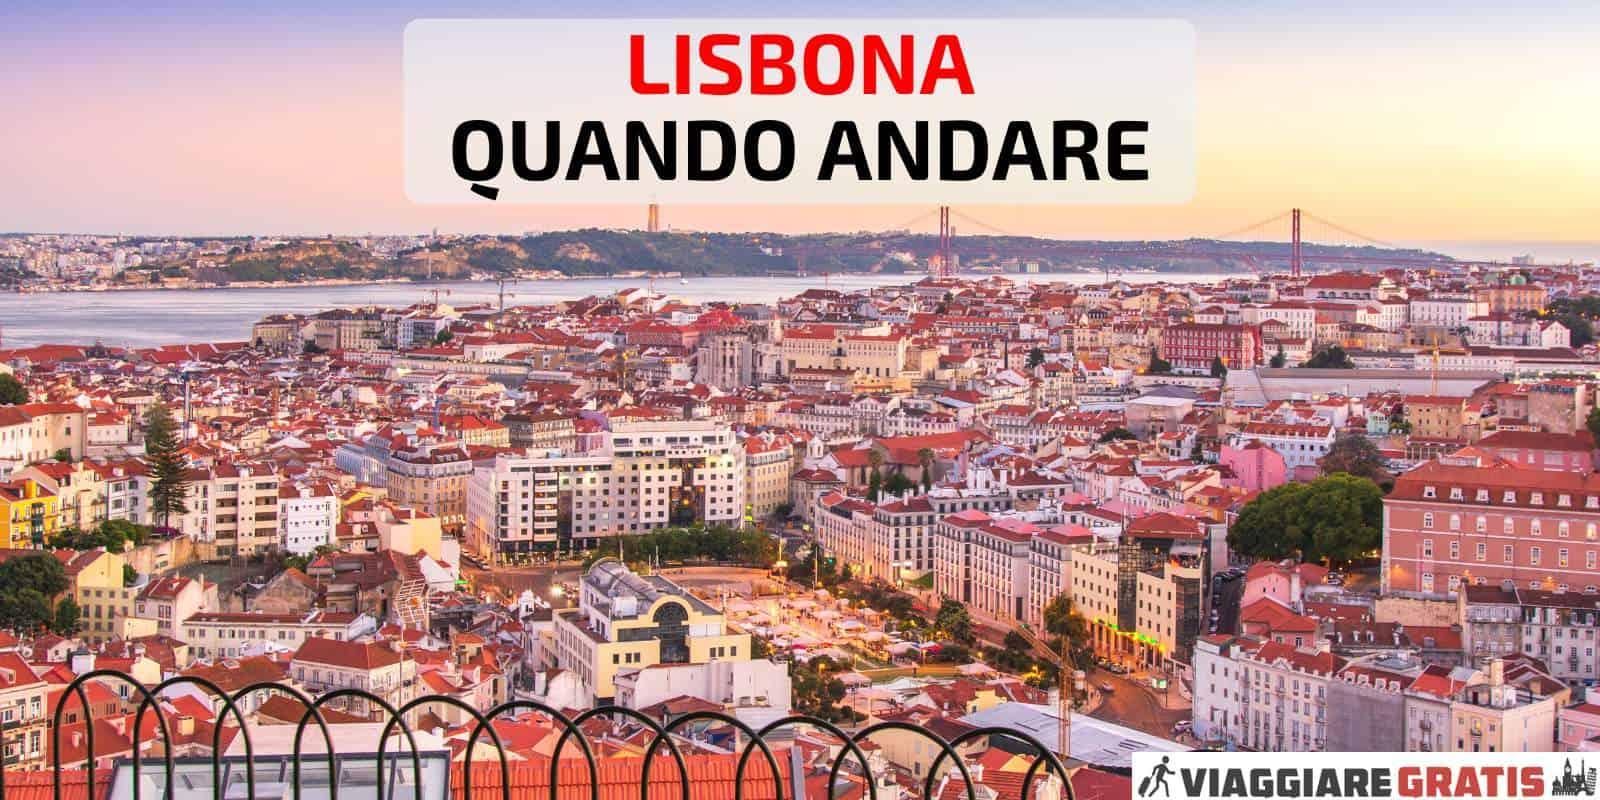 Meteo a Lisbona quando andare